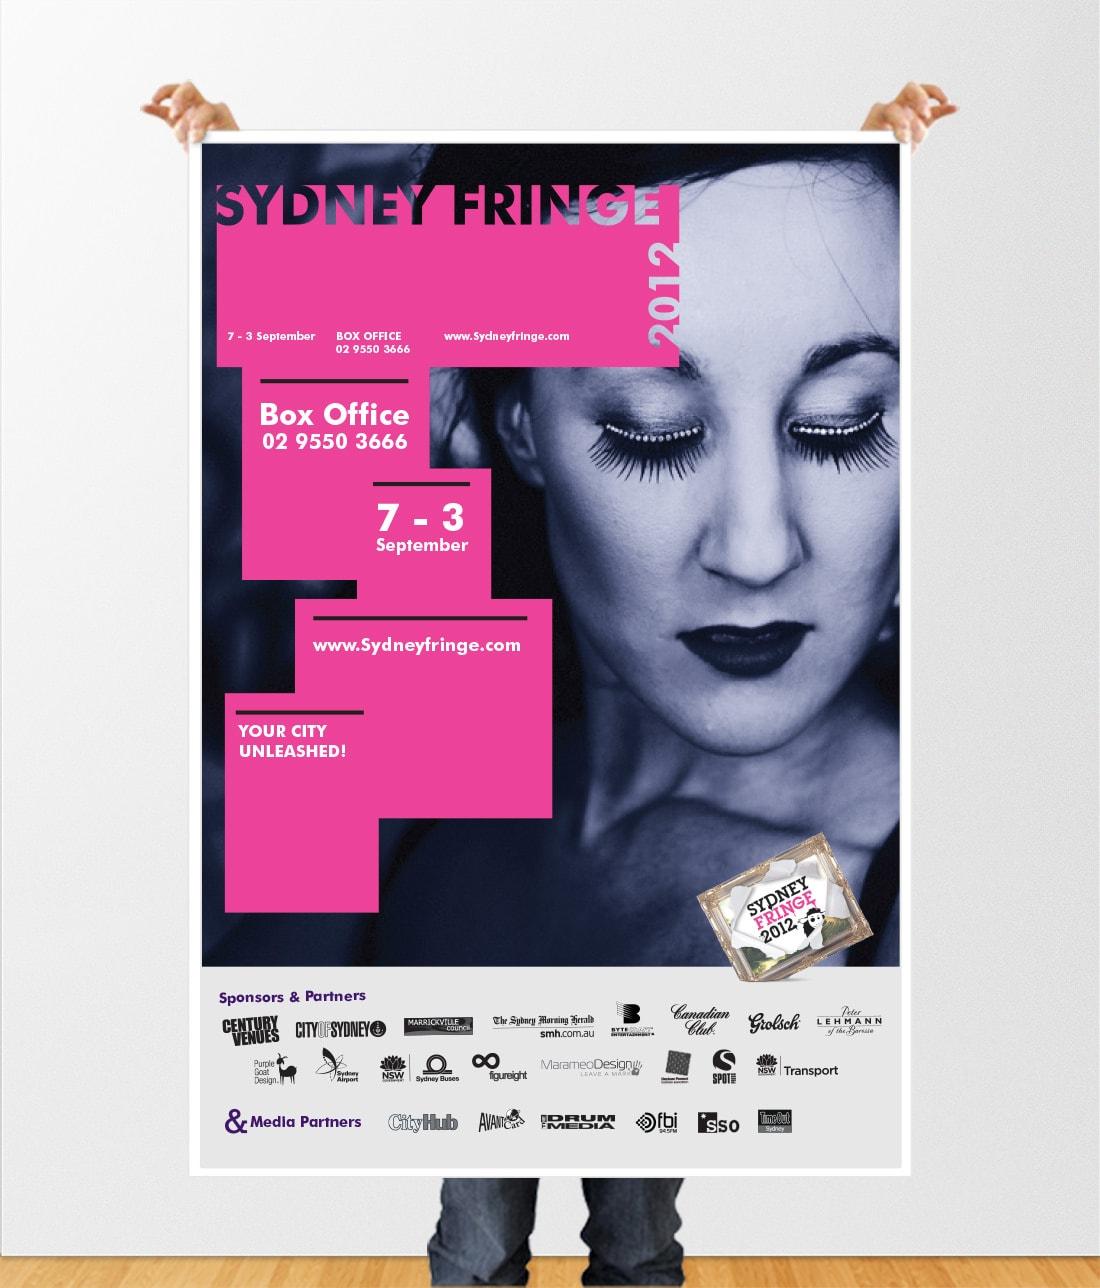 Concept for Sydney Fringe 2012 Poster